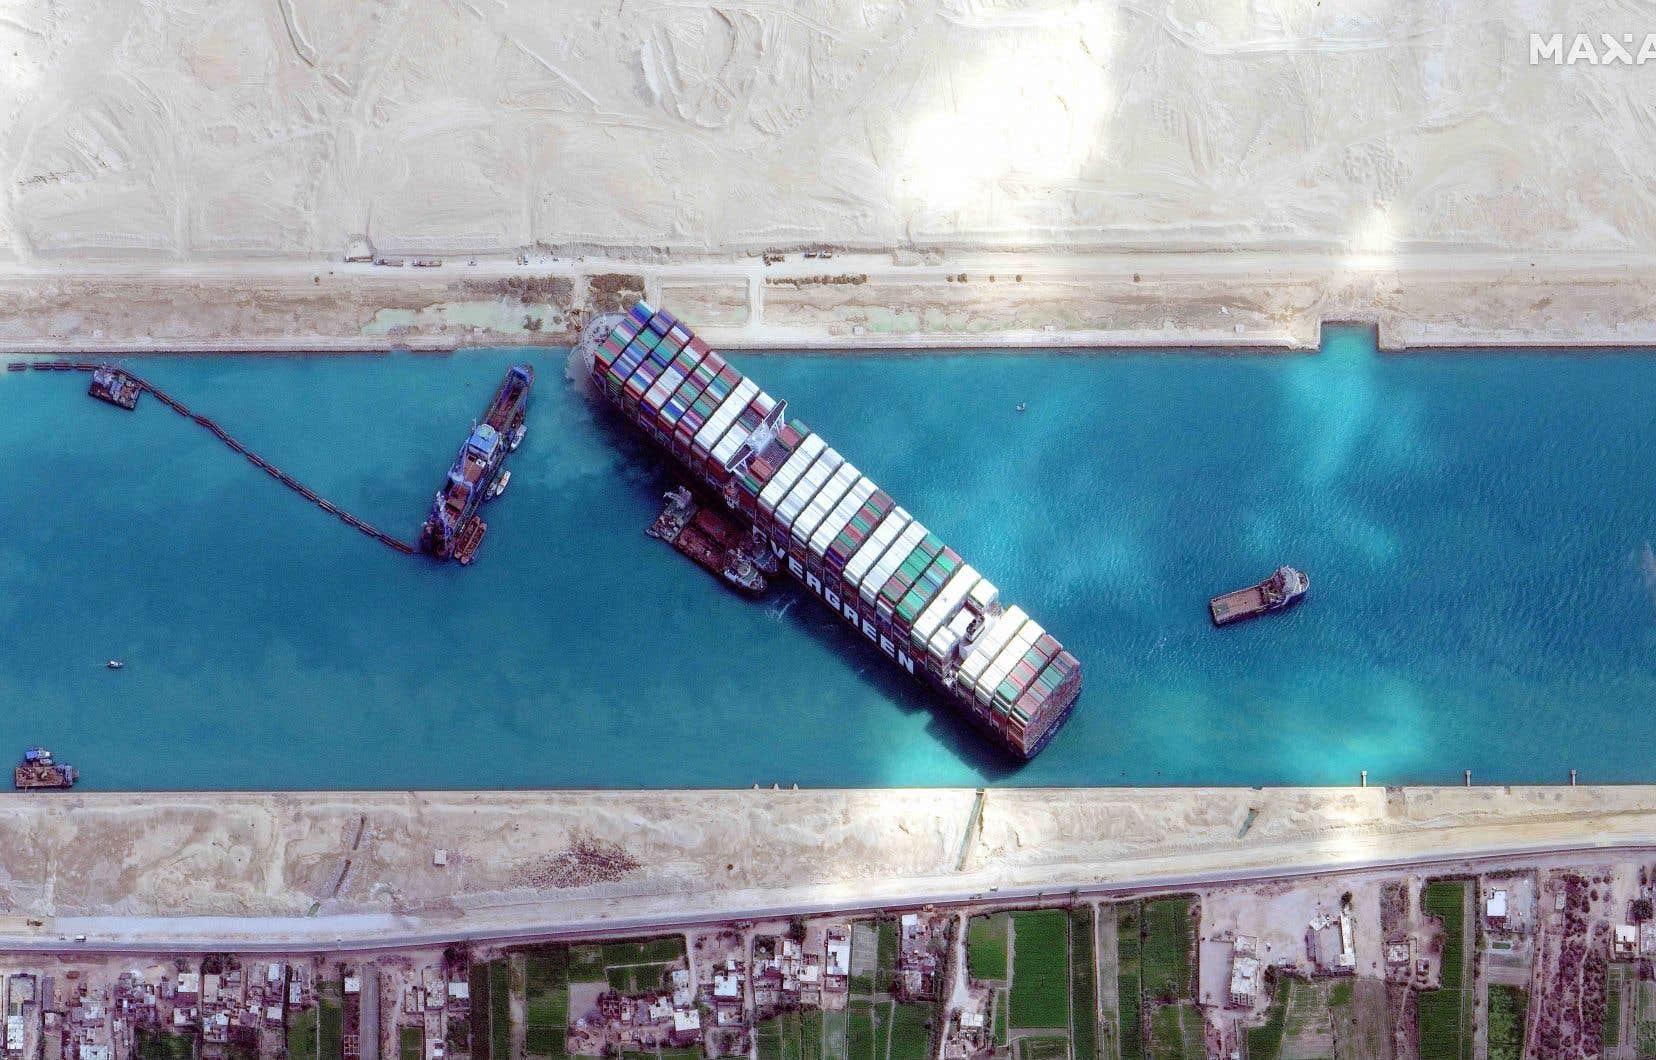 D'une longueur équivalente à quatre terrains de football, l'«Ever Given» était resté coincé près d'une semaine en travers du canal de Suez.